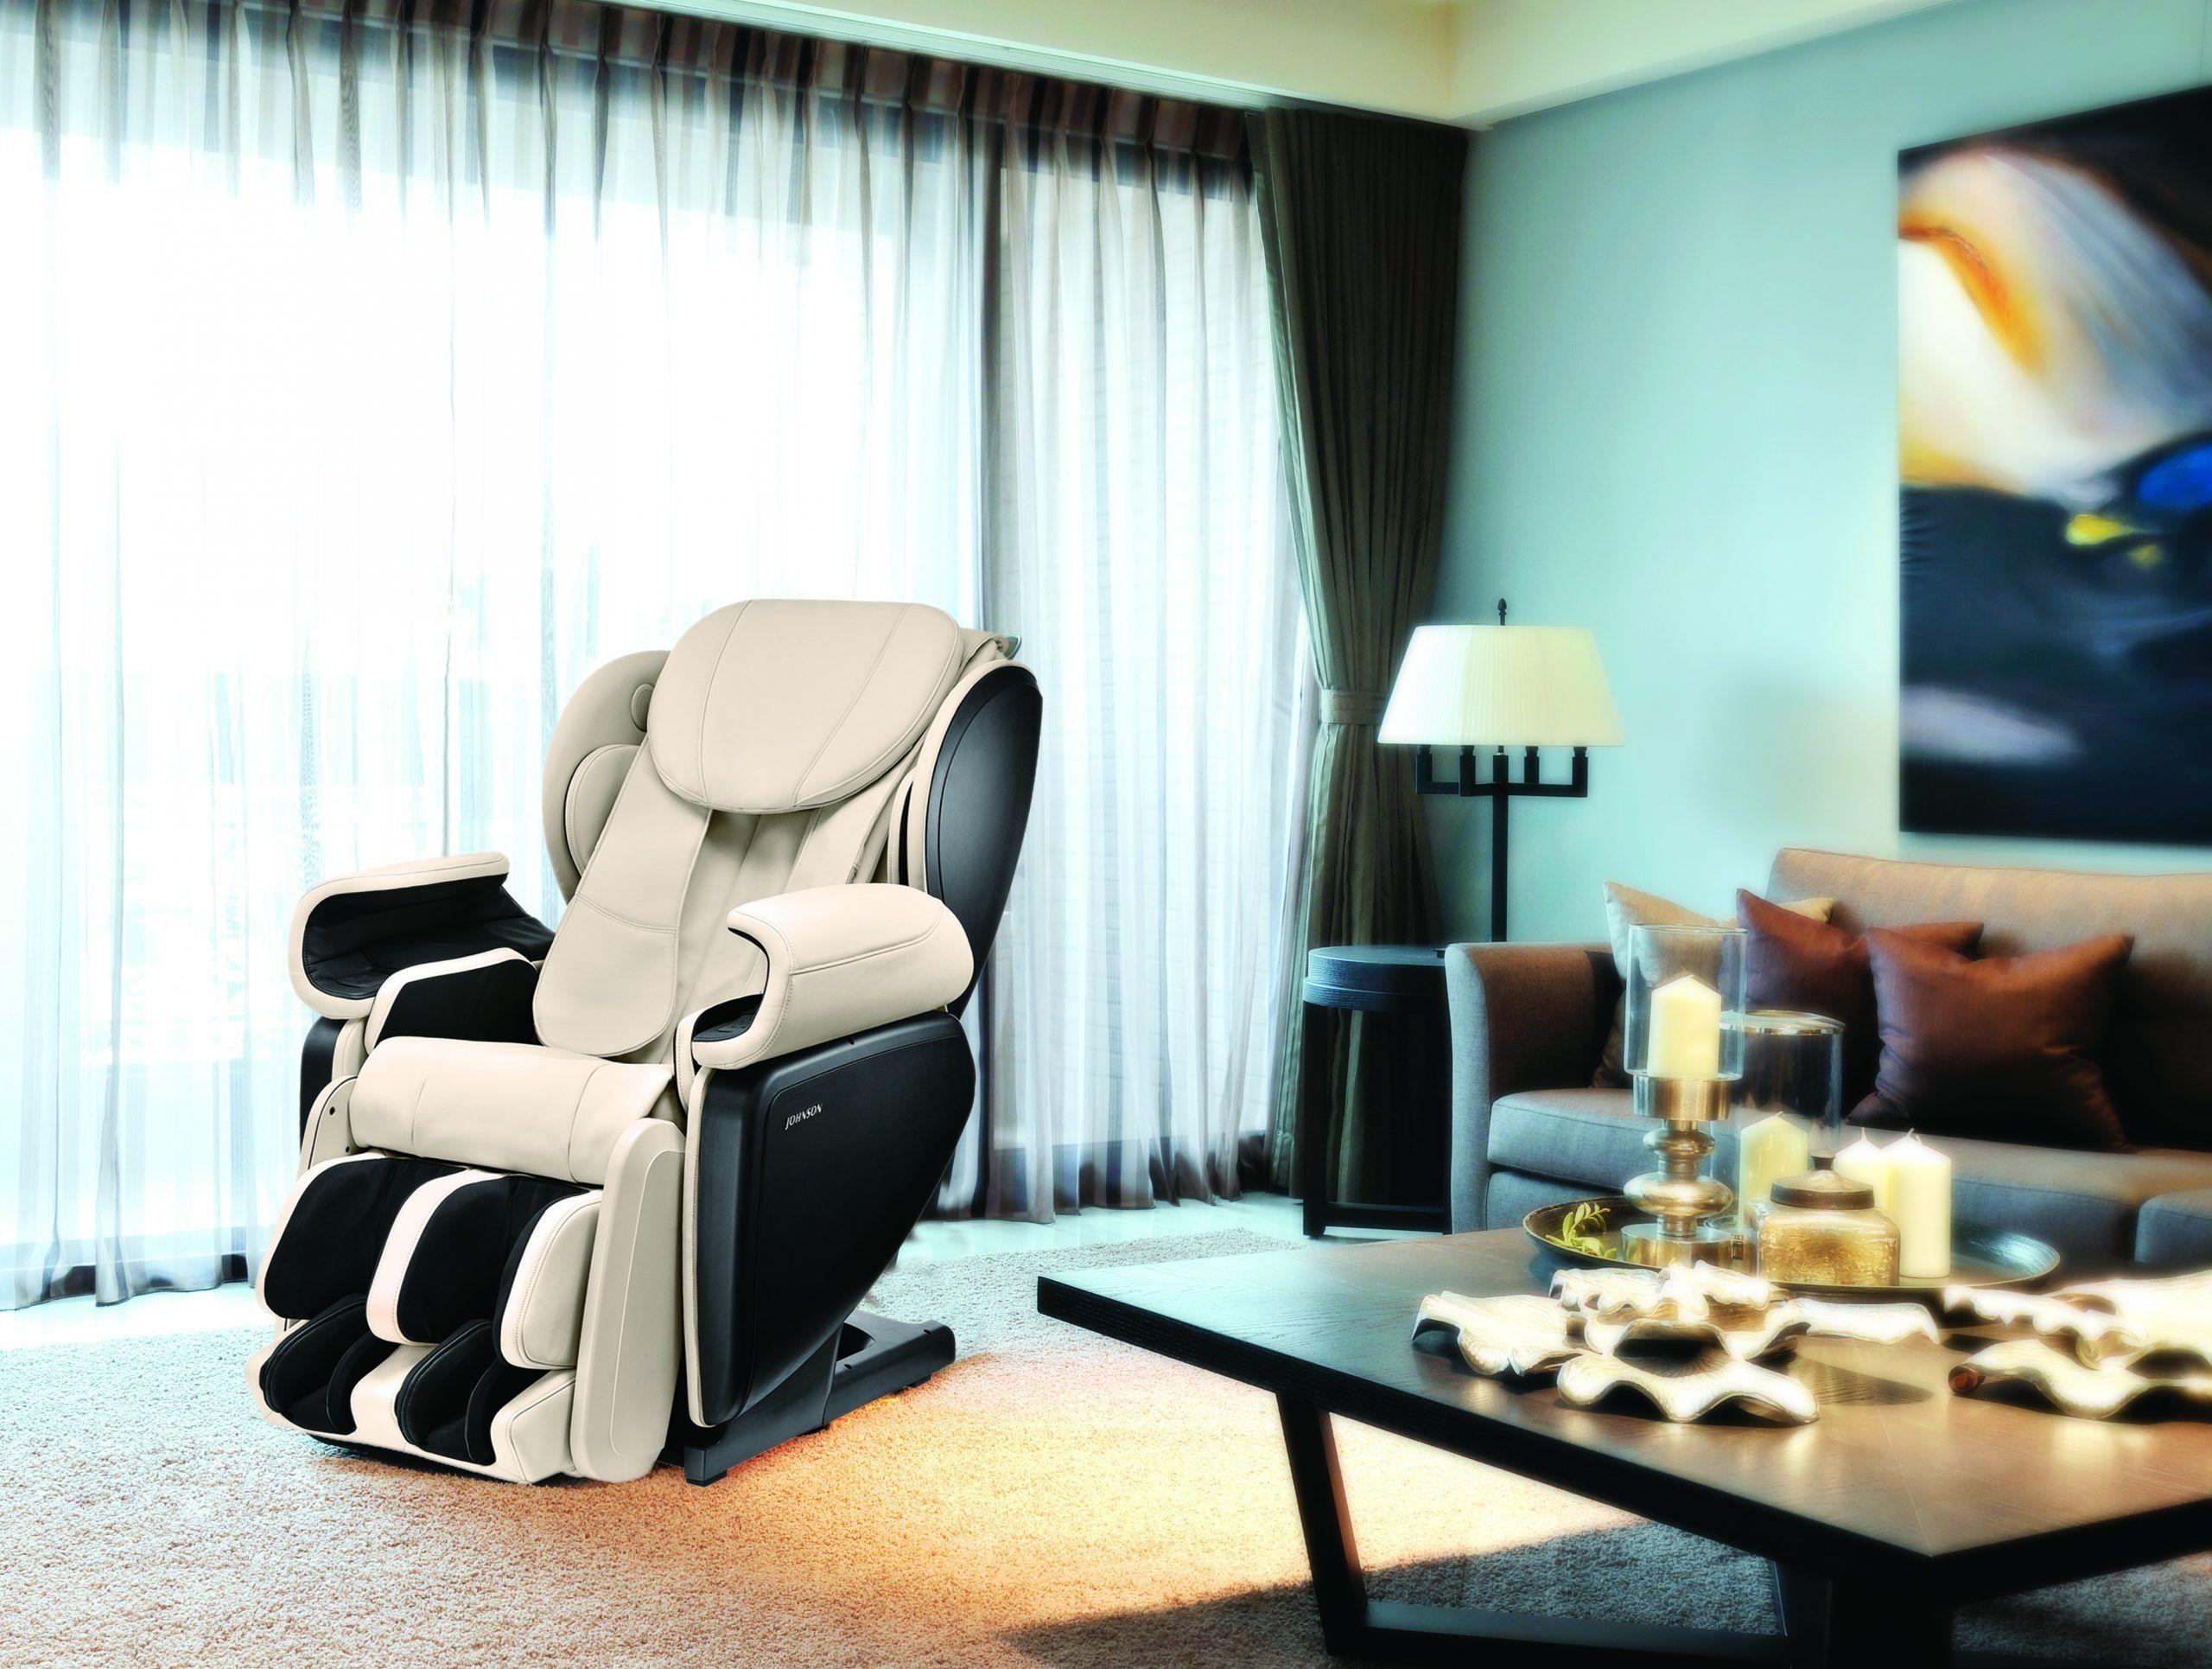 La poltrona massaggio 4D Real: la più realistica